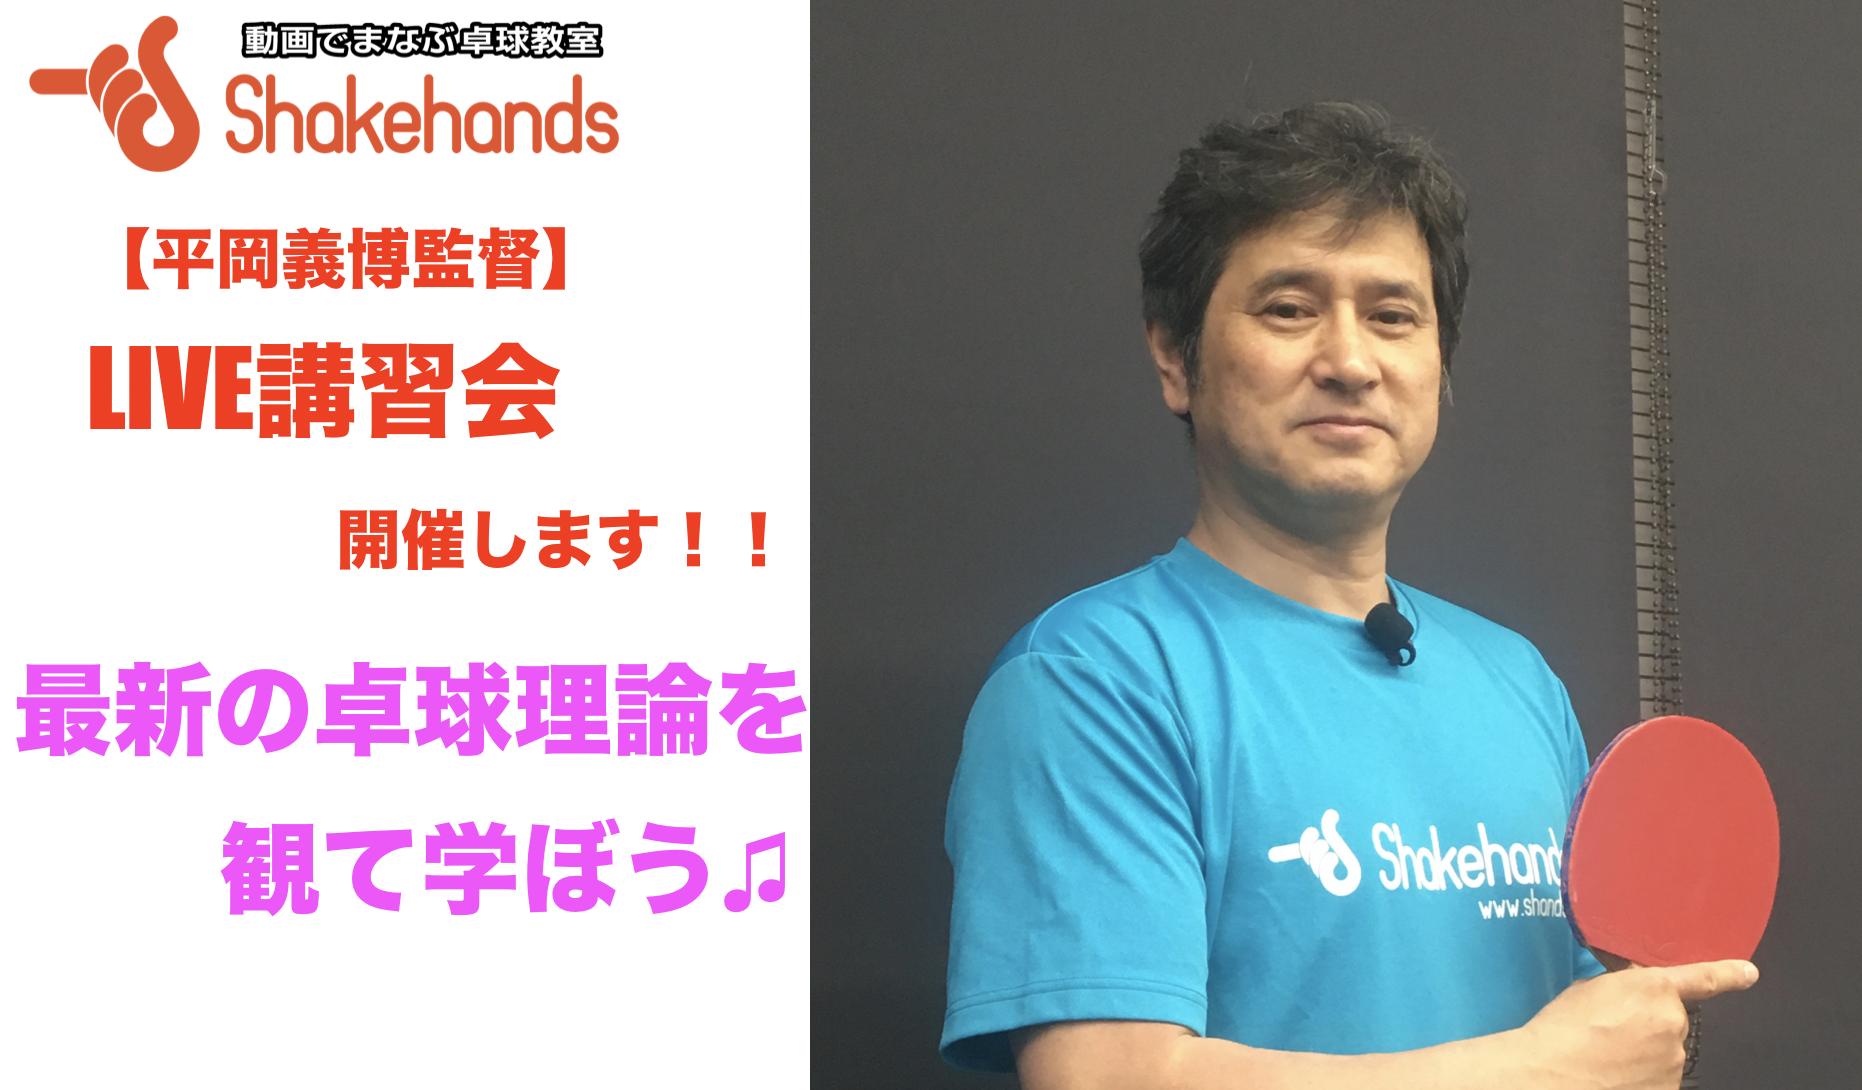 【緊急開催!】いよいよ明日19:30〜より平岡ライブ講習会! 最新の卓球指導見せます!